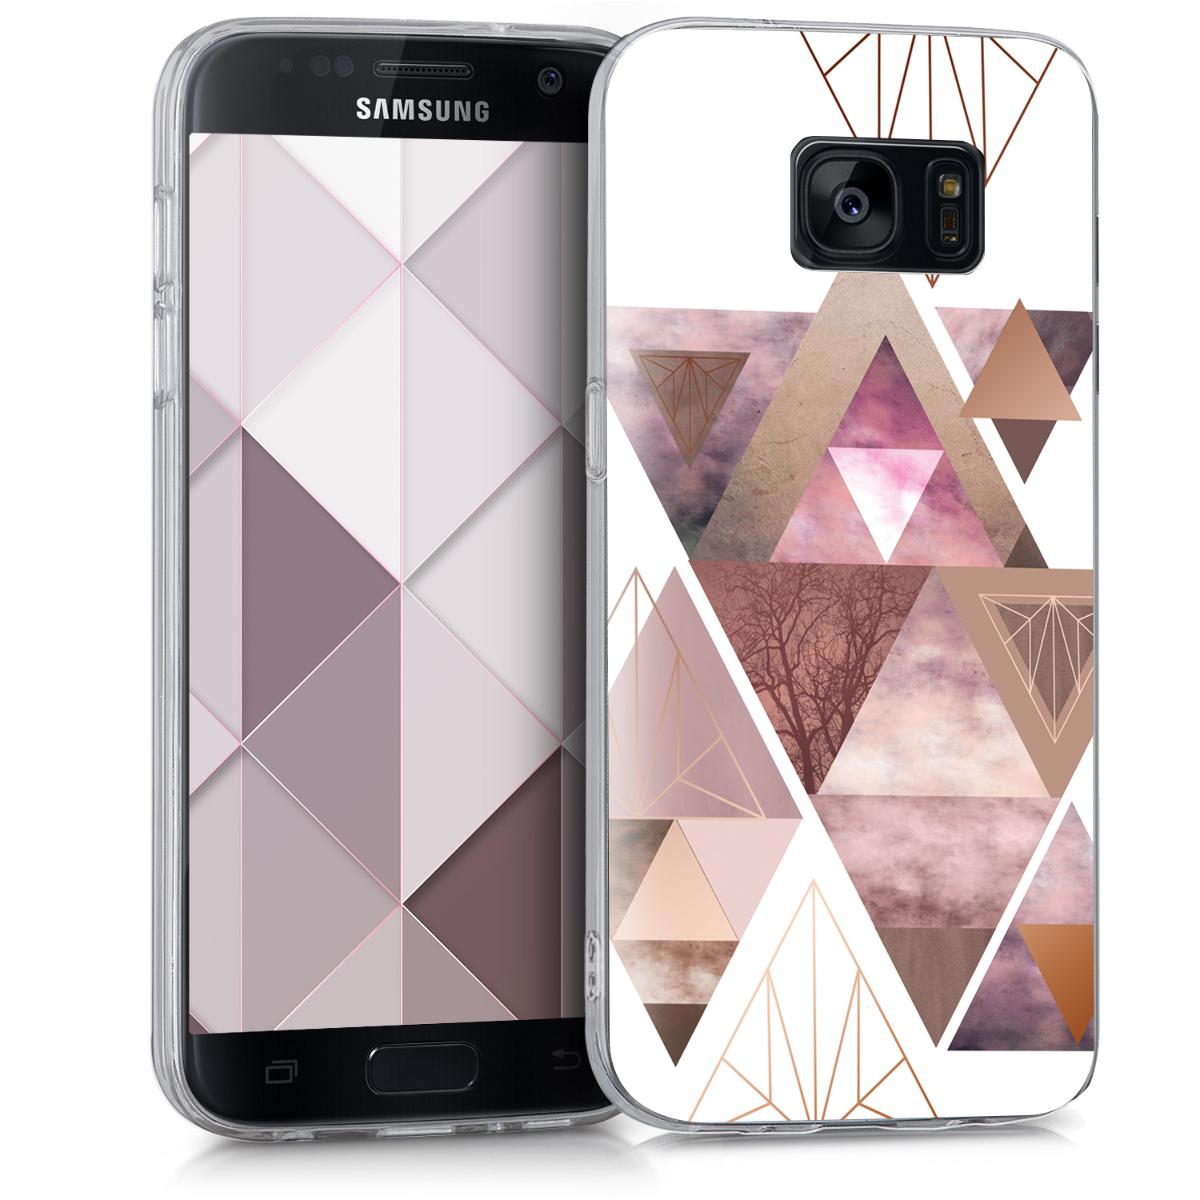 Kvalitní silikonové TPU pouzdro pro Samsung S7 - Patchwork trojúhelníky světle růžové / starorůžové rosegold / bílé